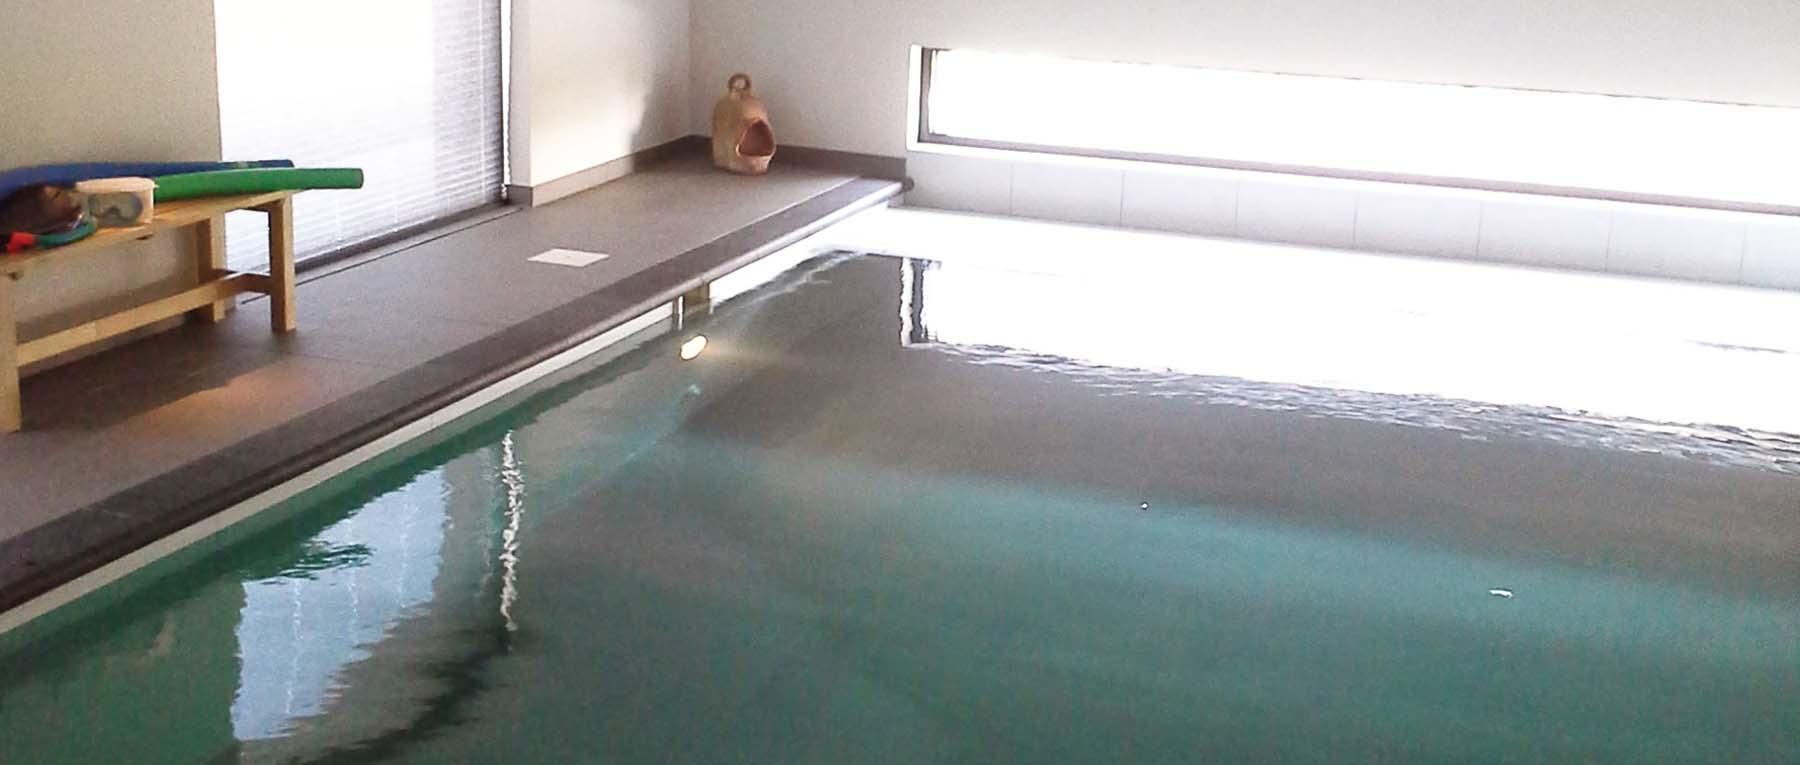 binnenzwembad van Van Kuik Zwembaden